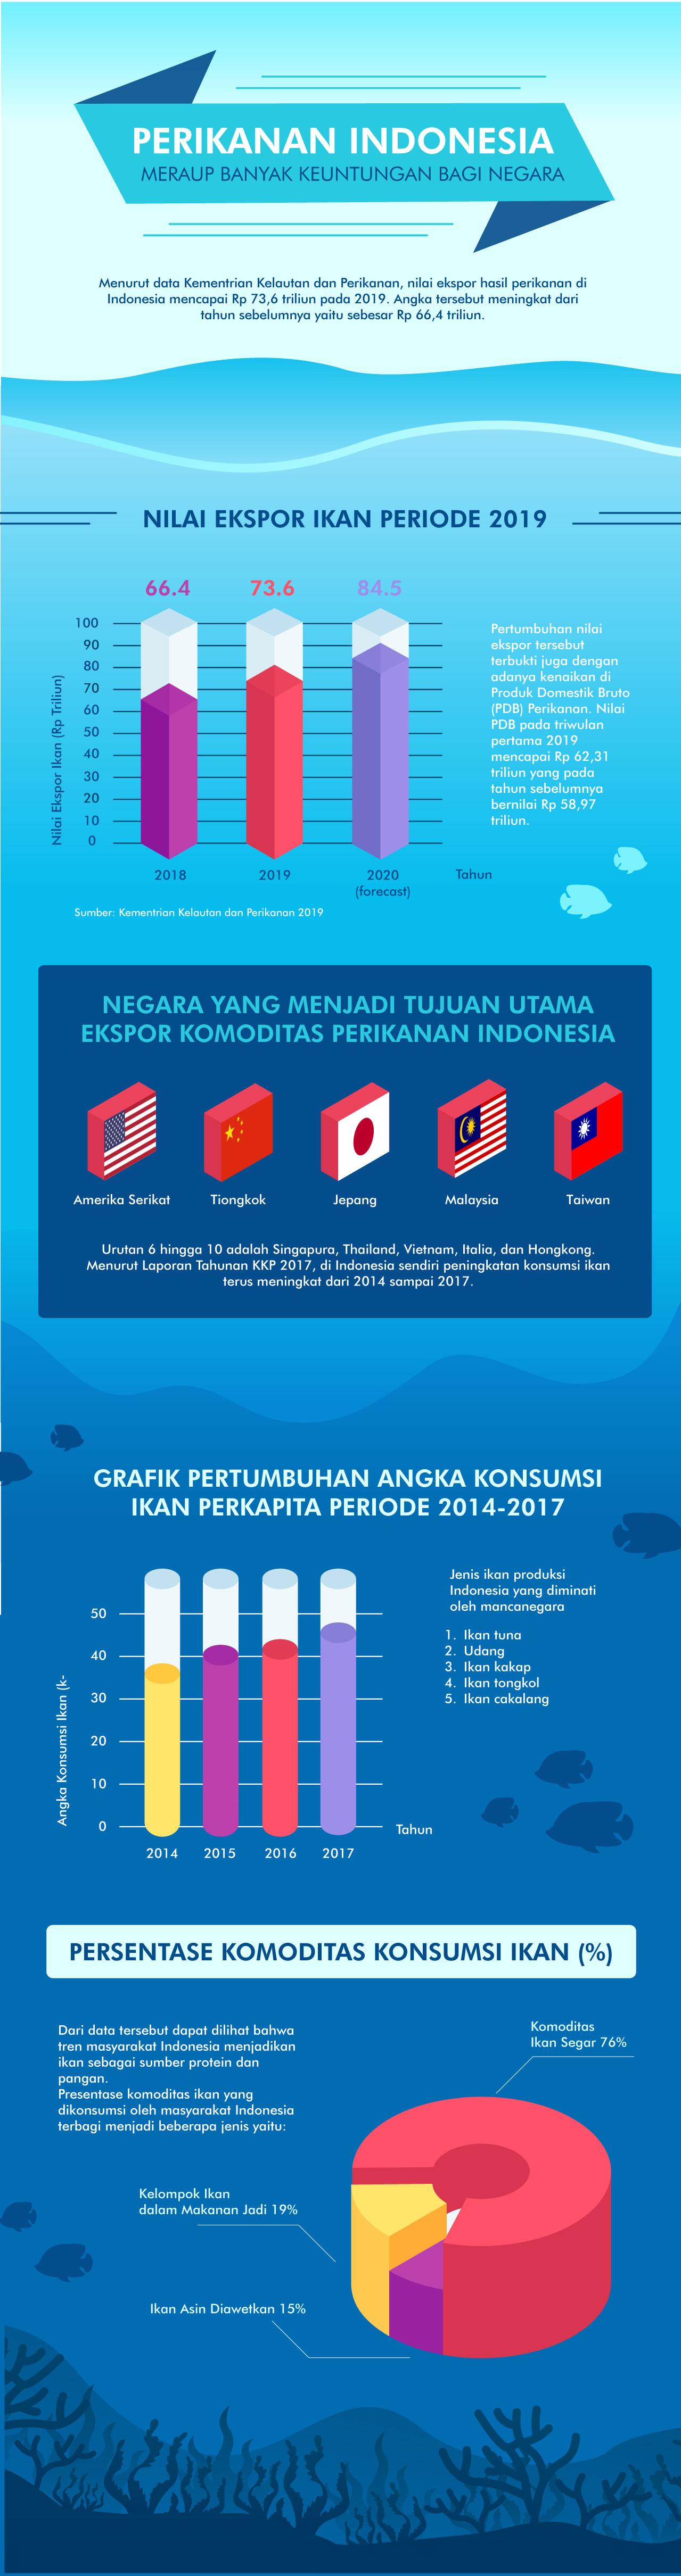 Infografik ExportExpert Textile & Garment